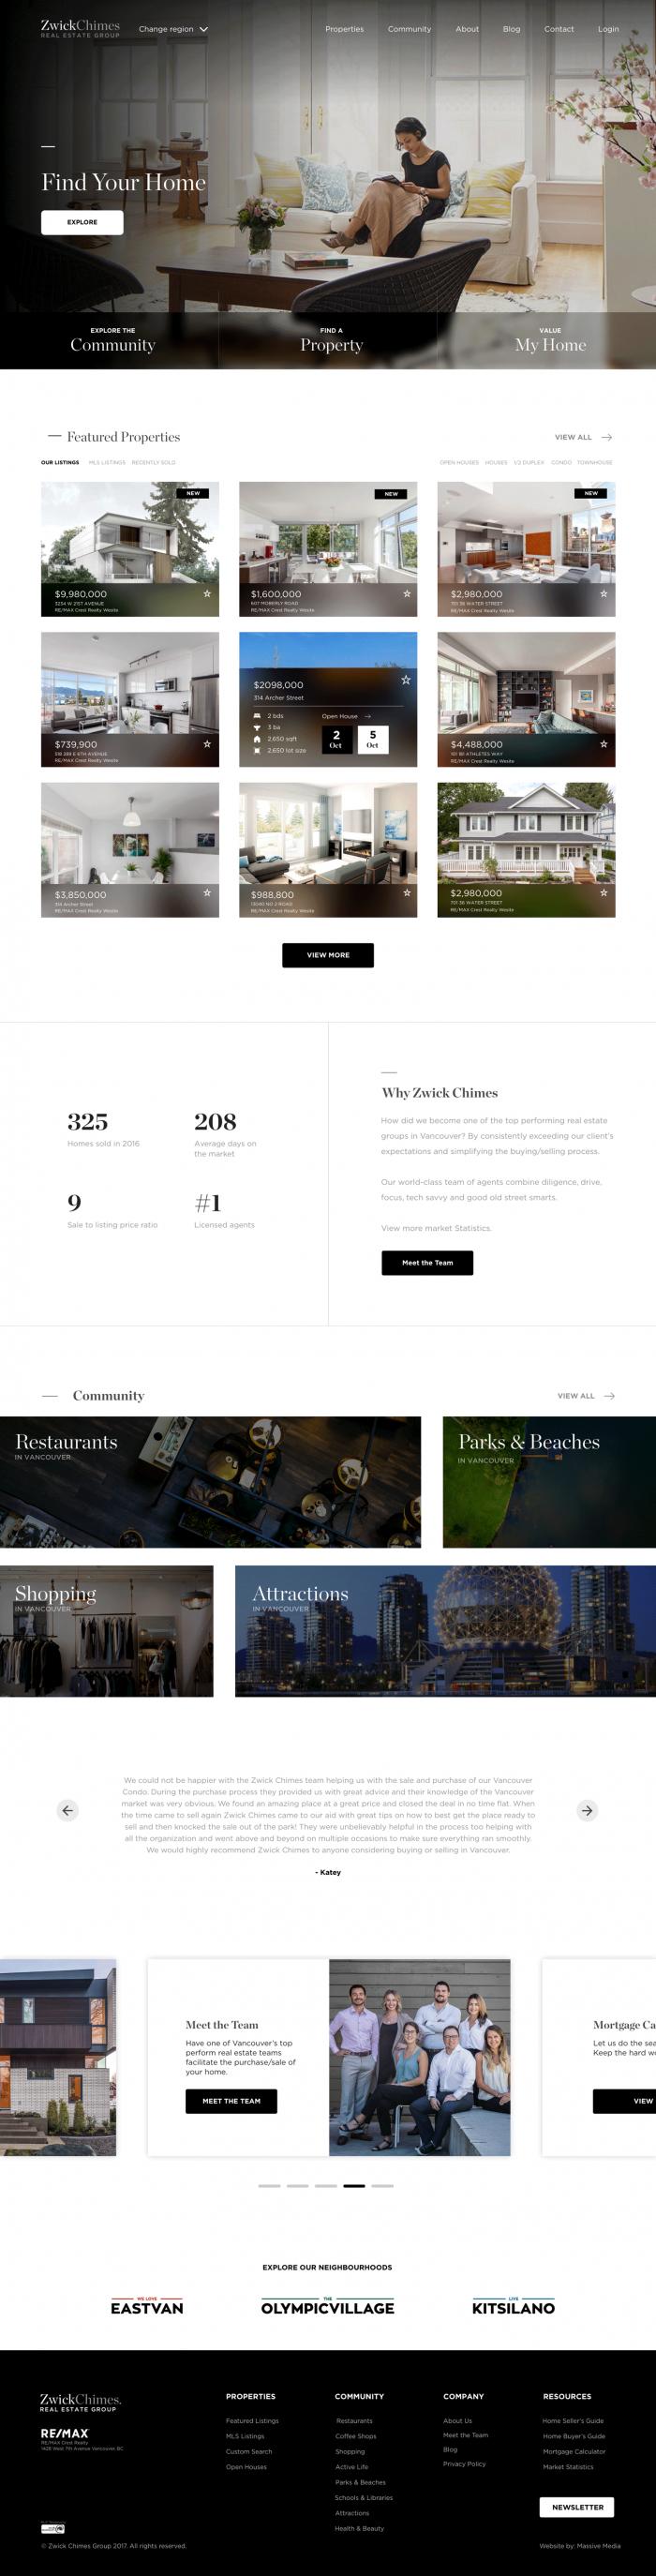 Zwick Chimes Homepage